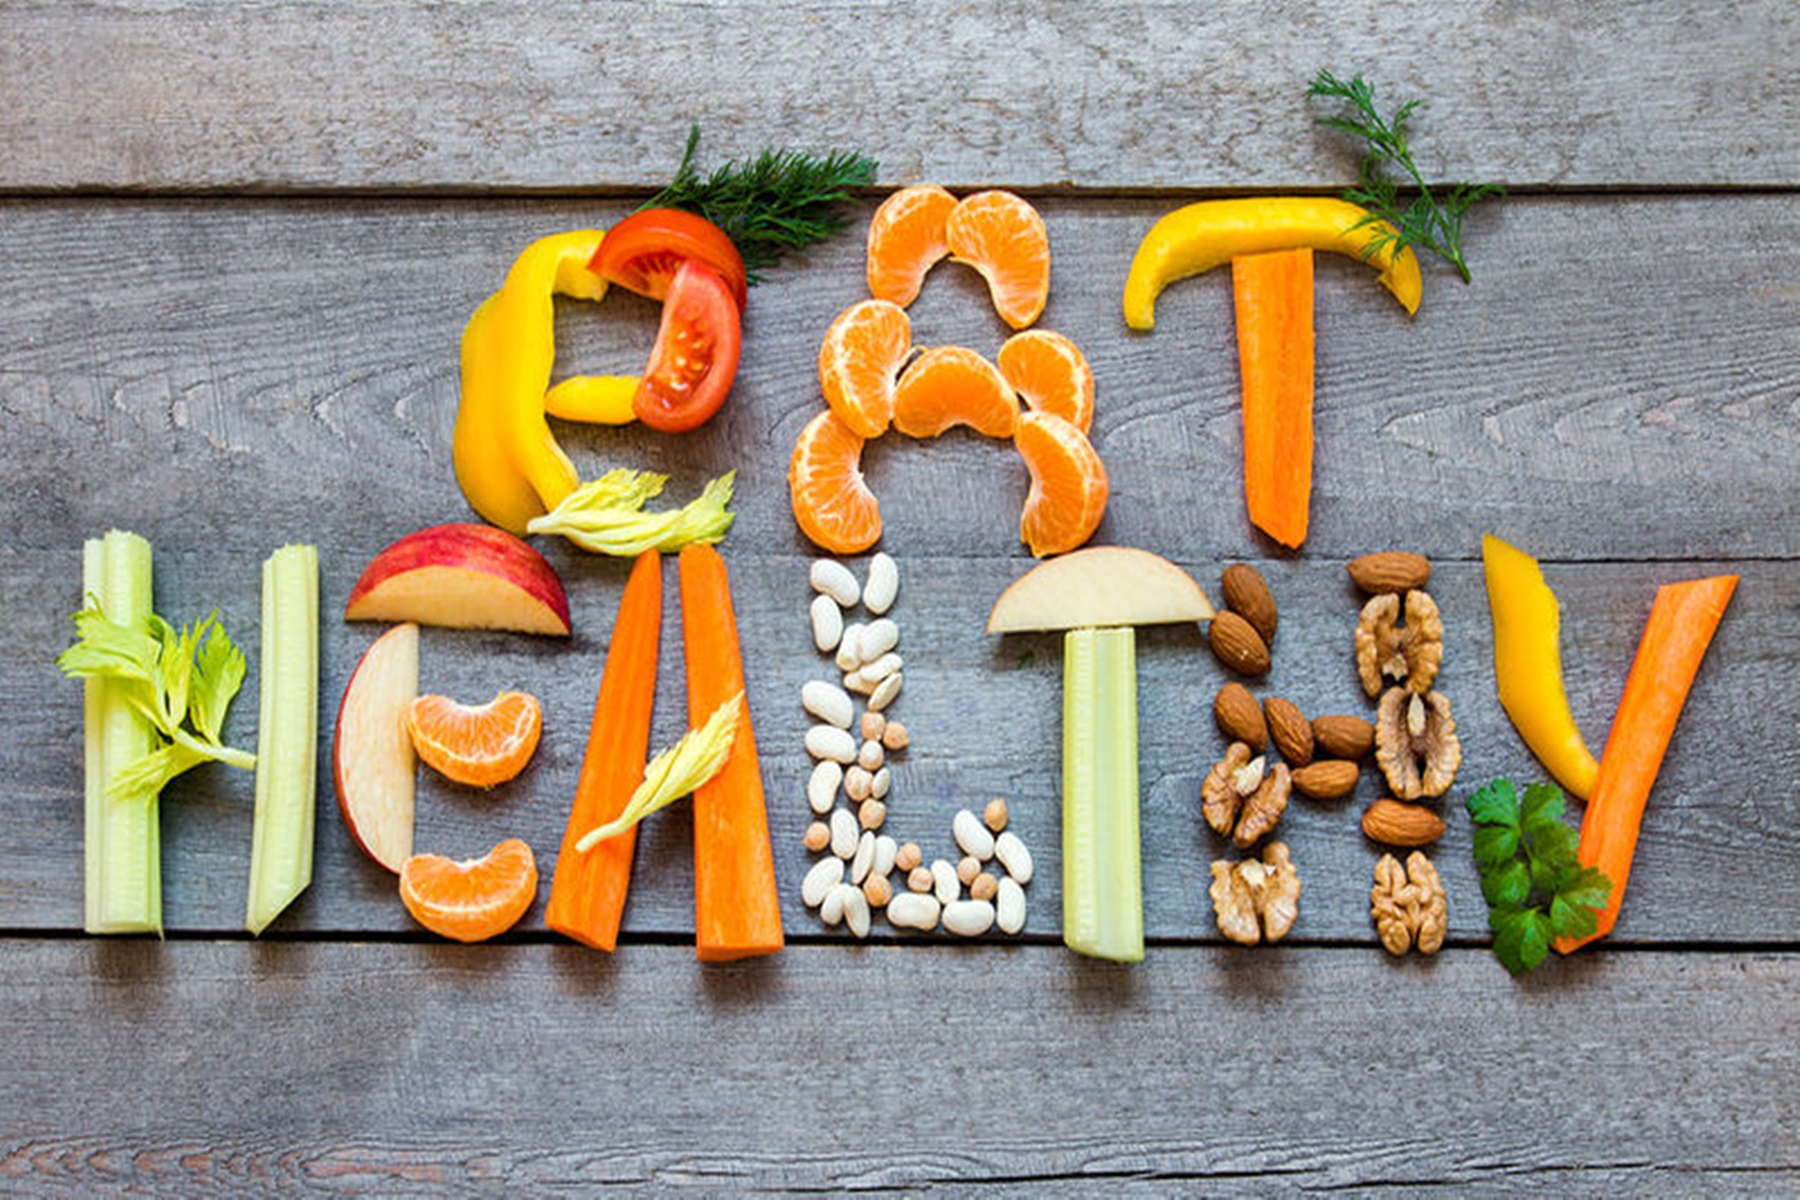 Εγκεφαλικό : Διατροφή που συμβάλλει στην καταπολέμηση του